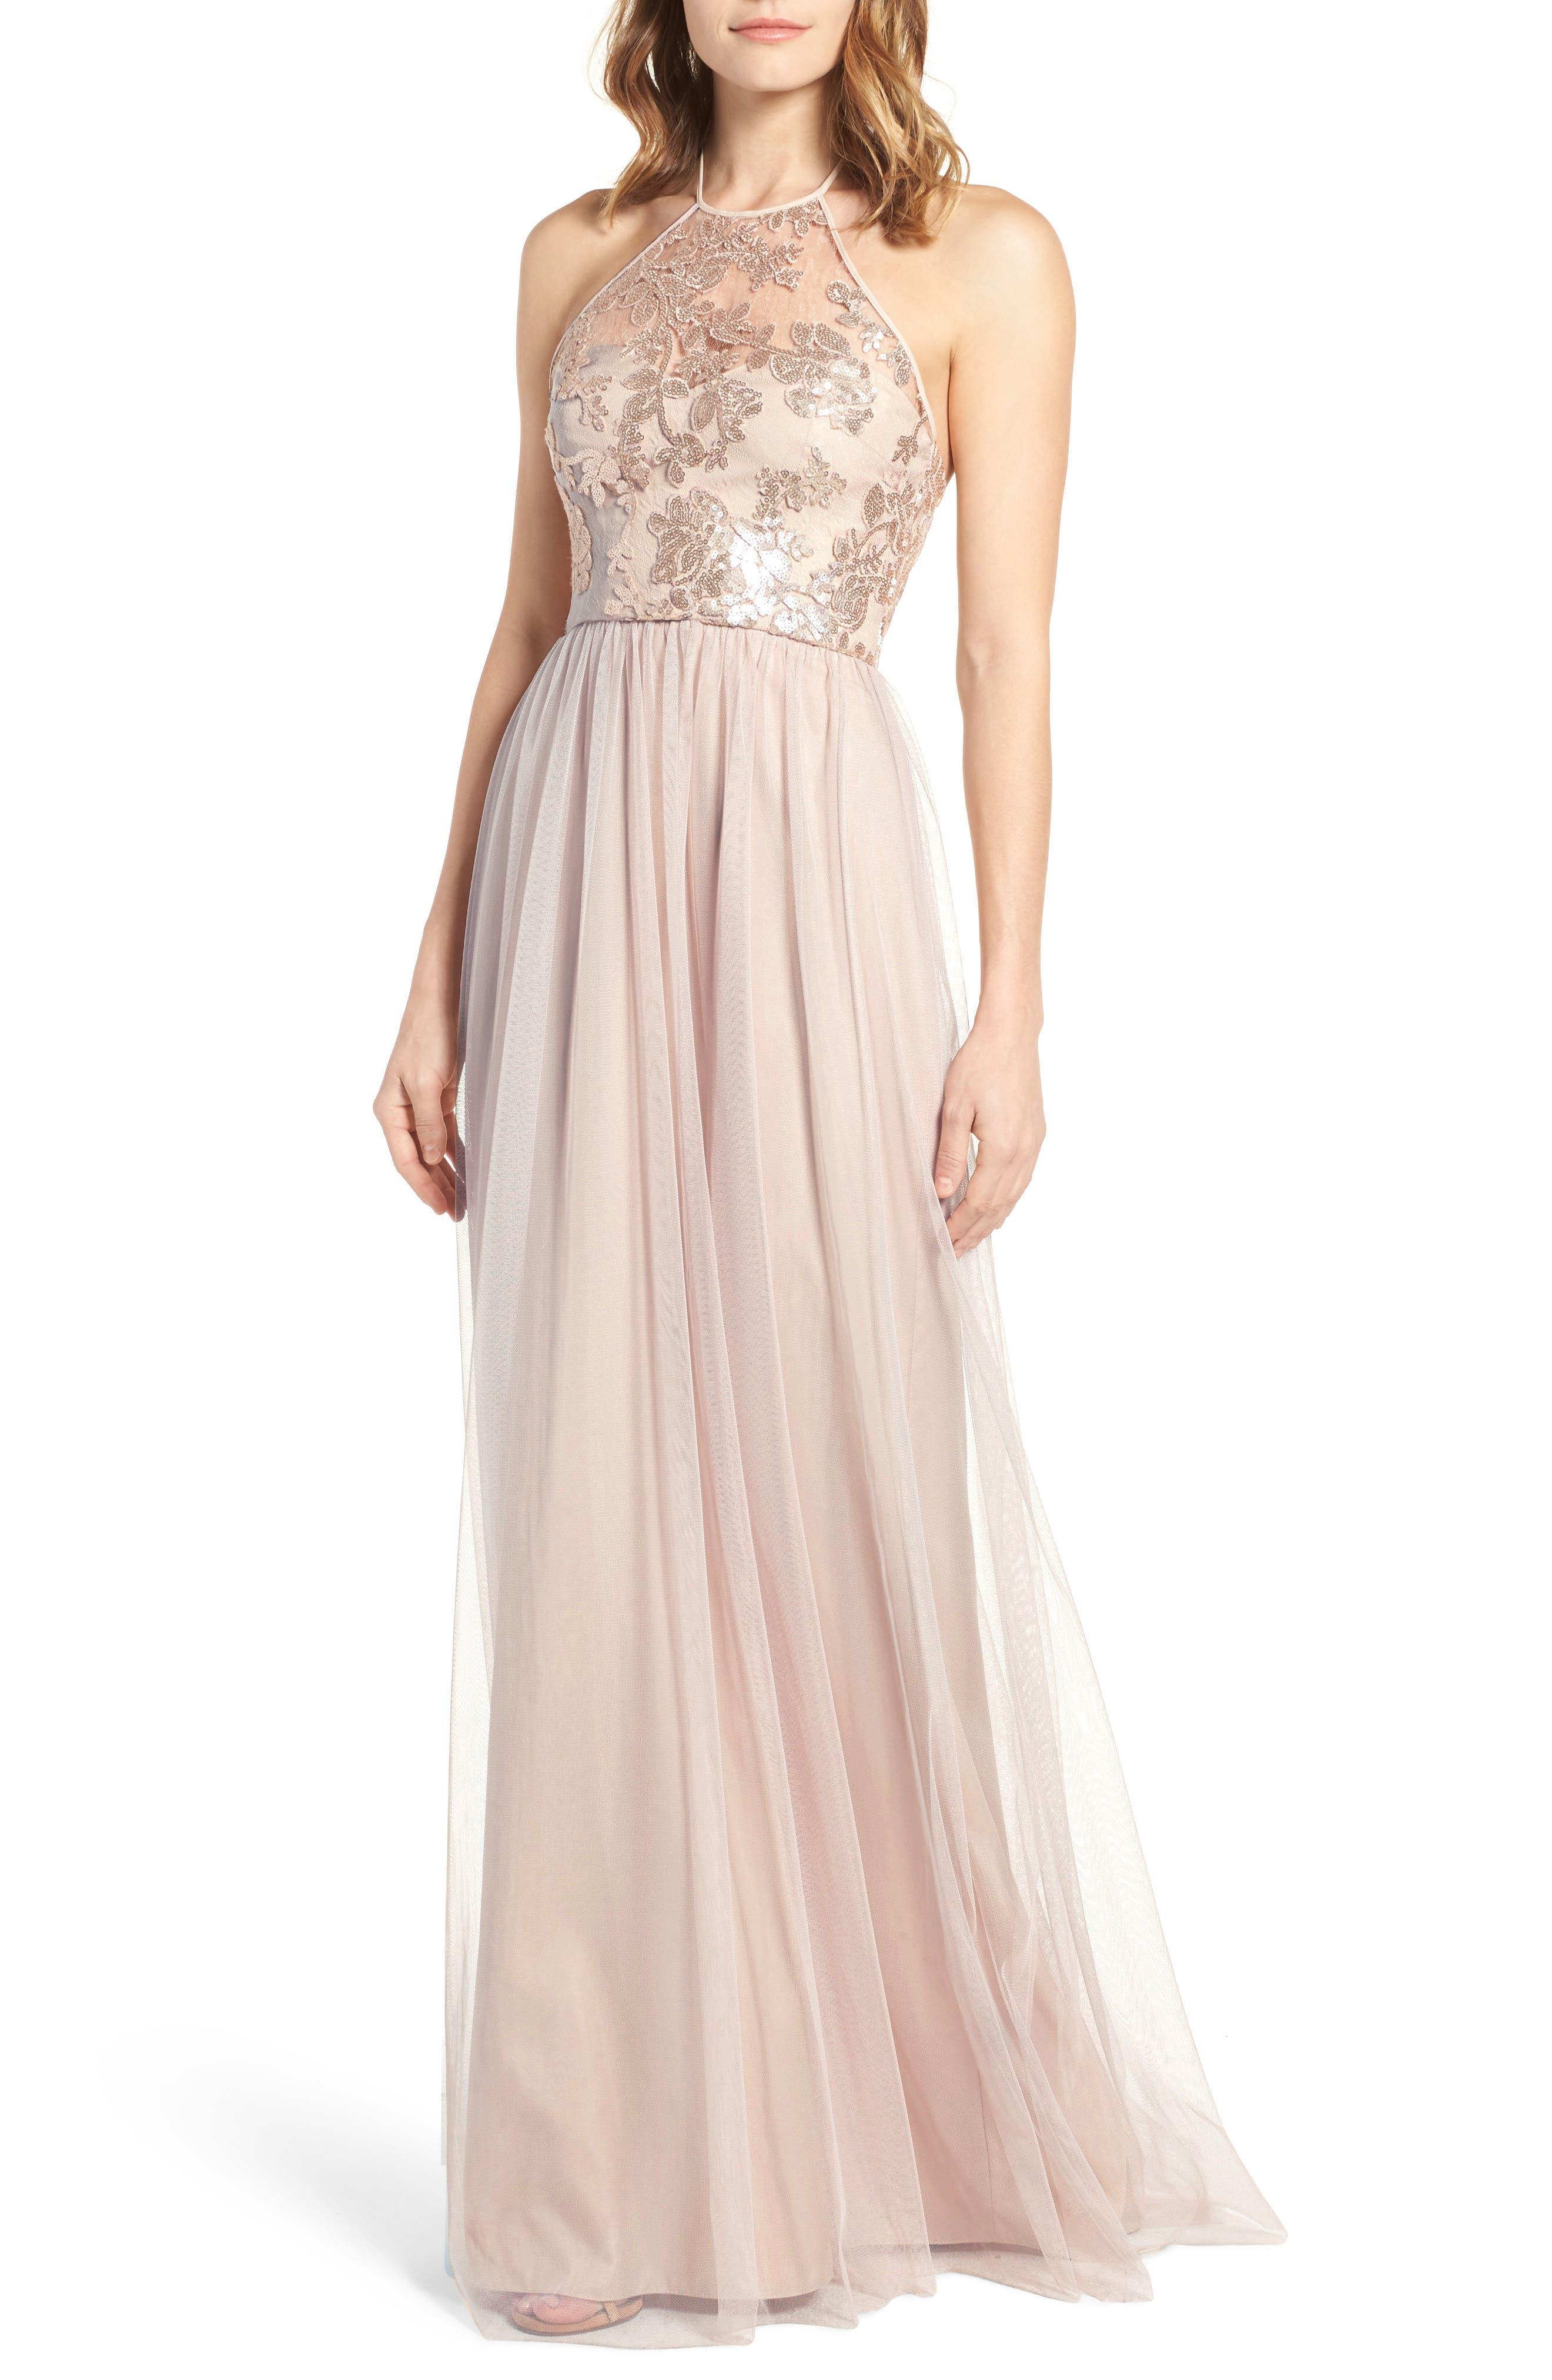 Sheridan Sequin Halter Dress,                             Alternate thumbnail 2, color,                             LATTE